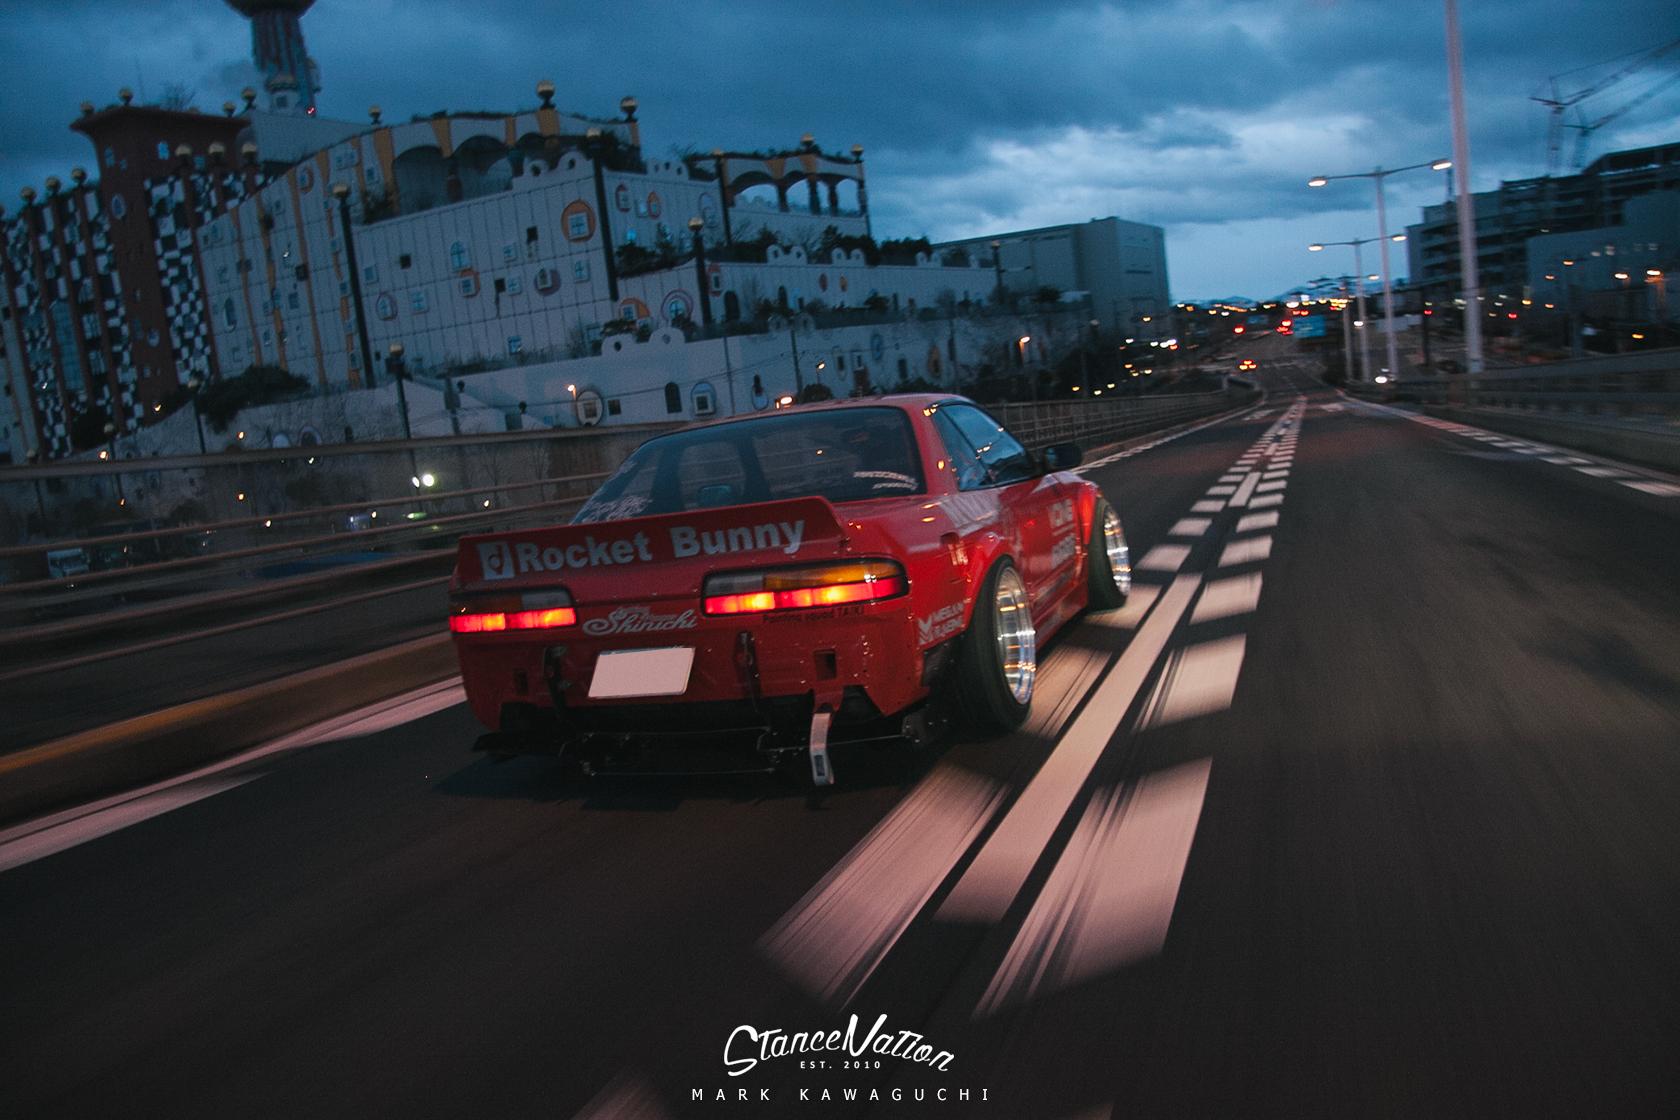 Timeless Beauty Takashi S Nissan Silvia S13